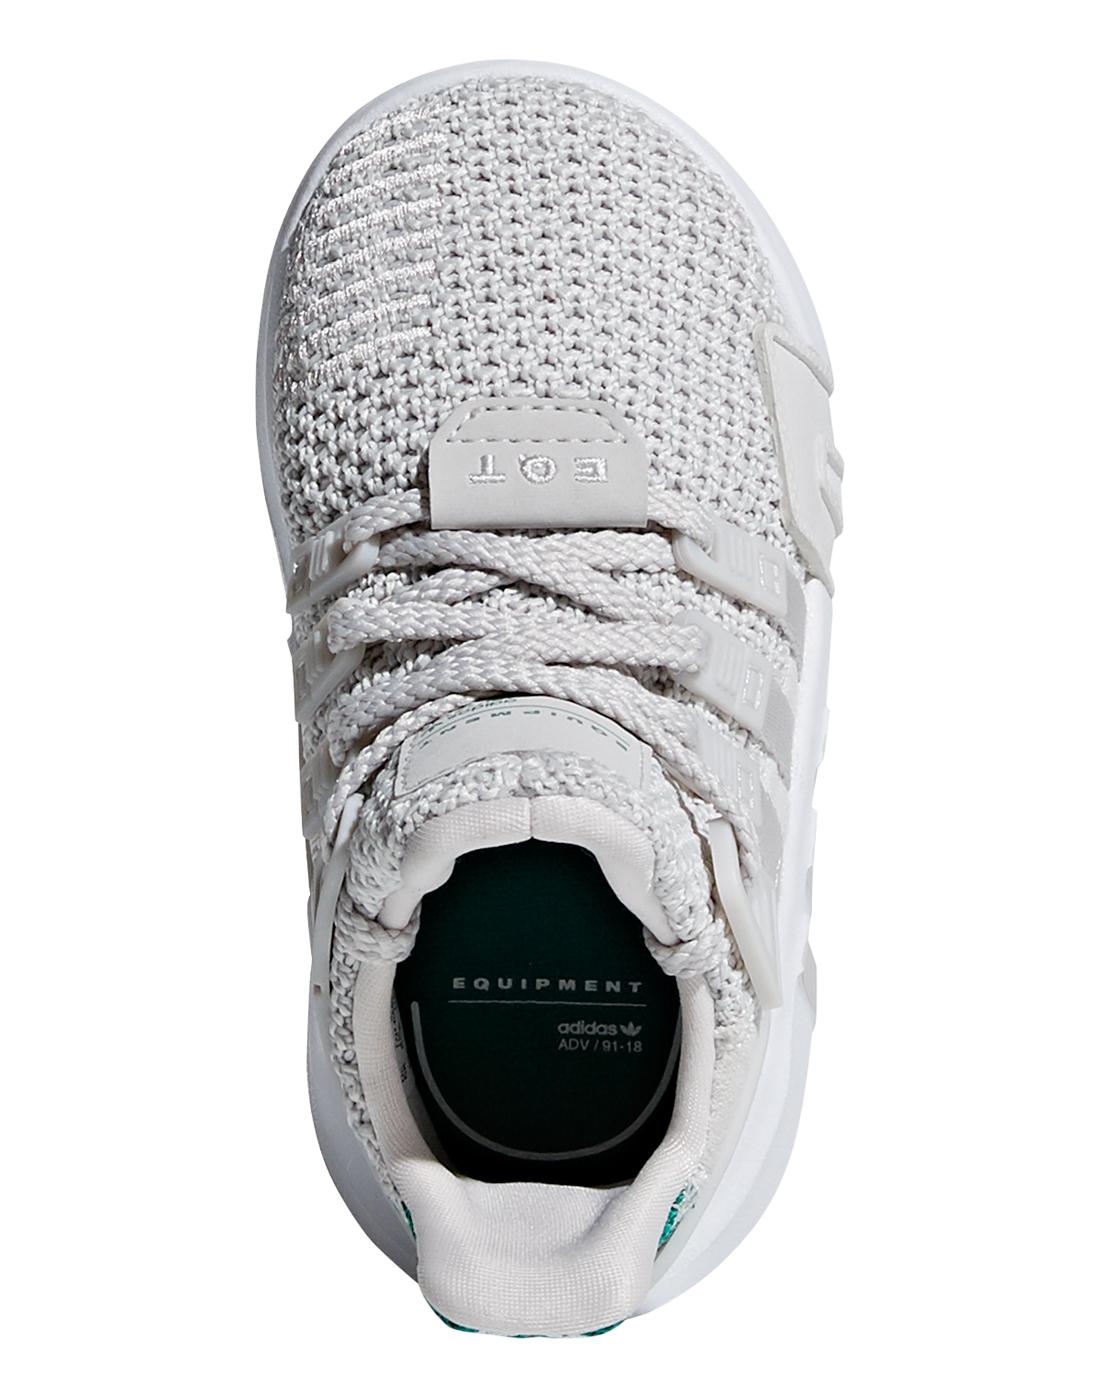 adidas Originals EQT Trainer | Grey